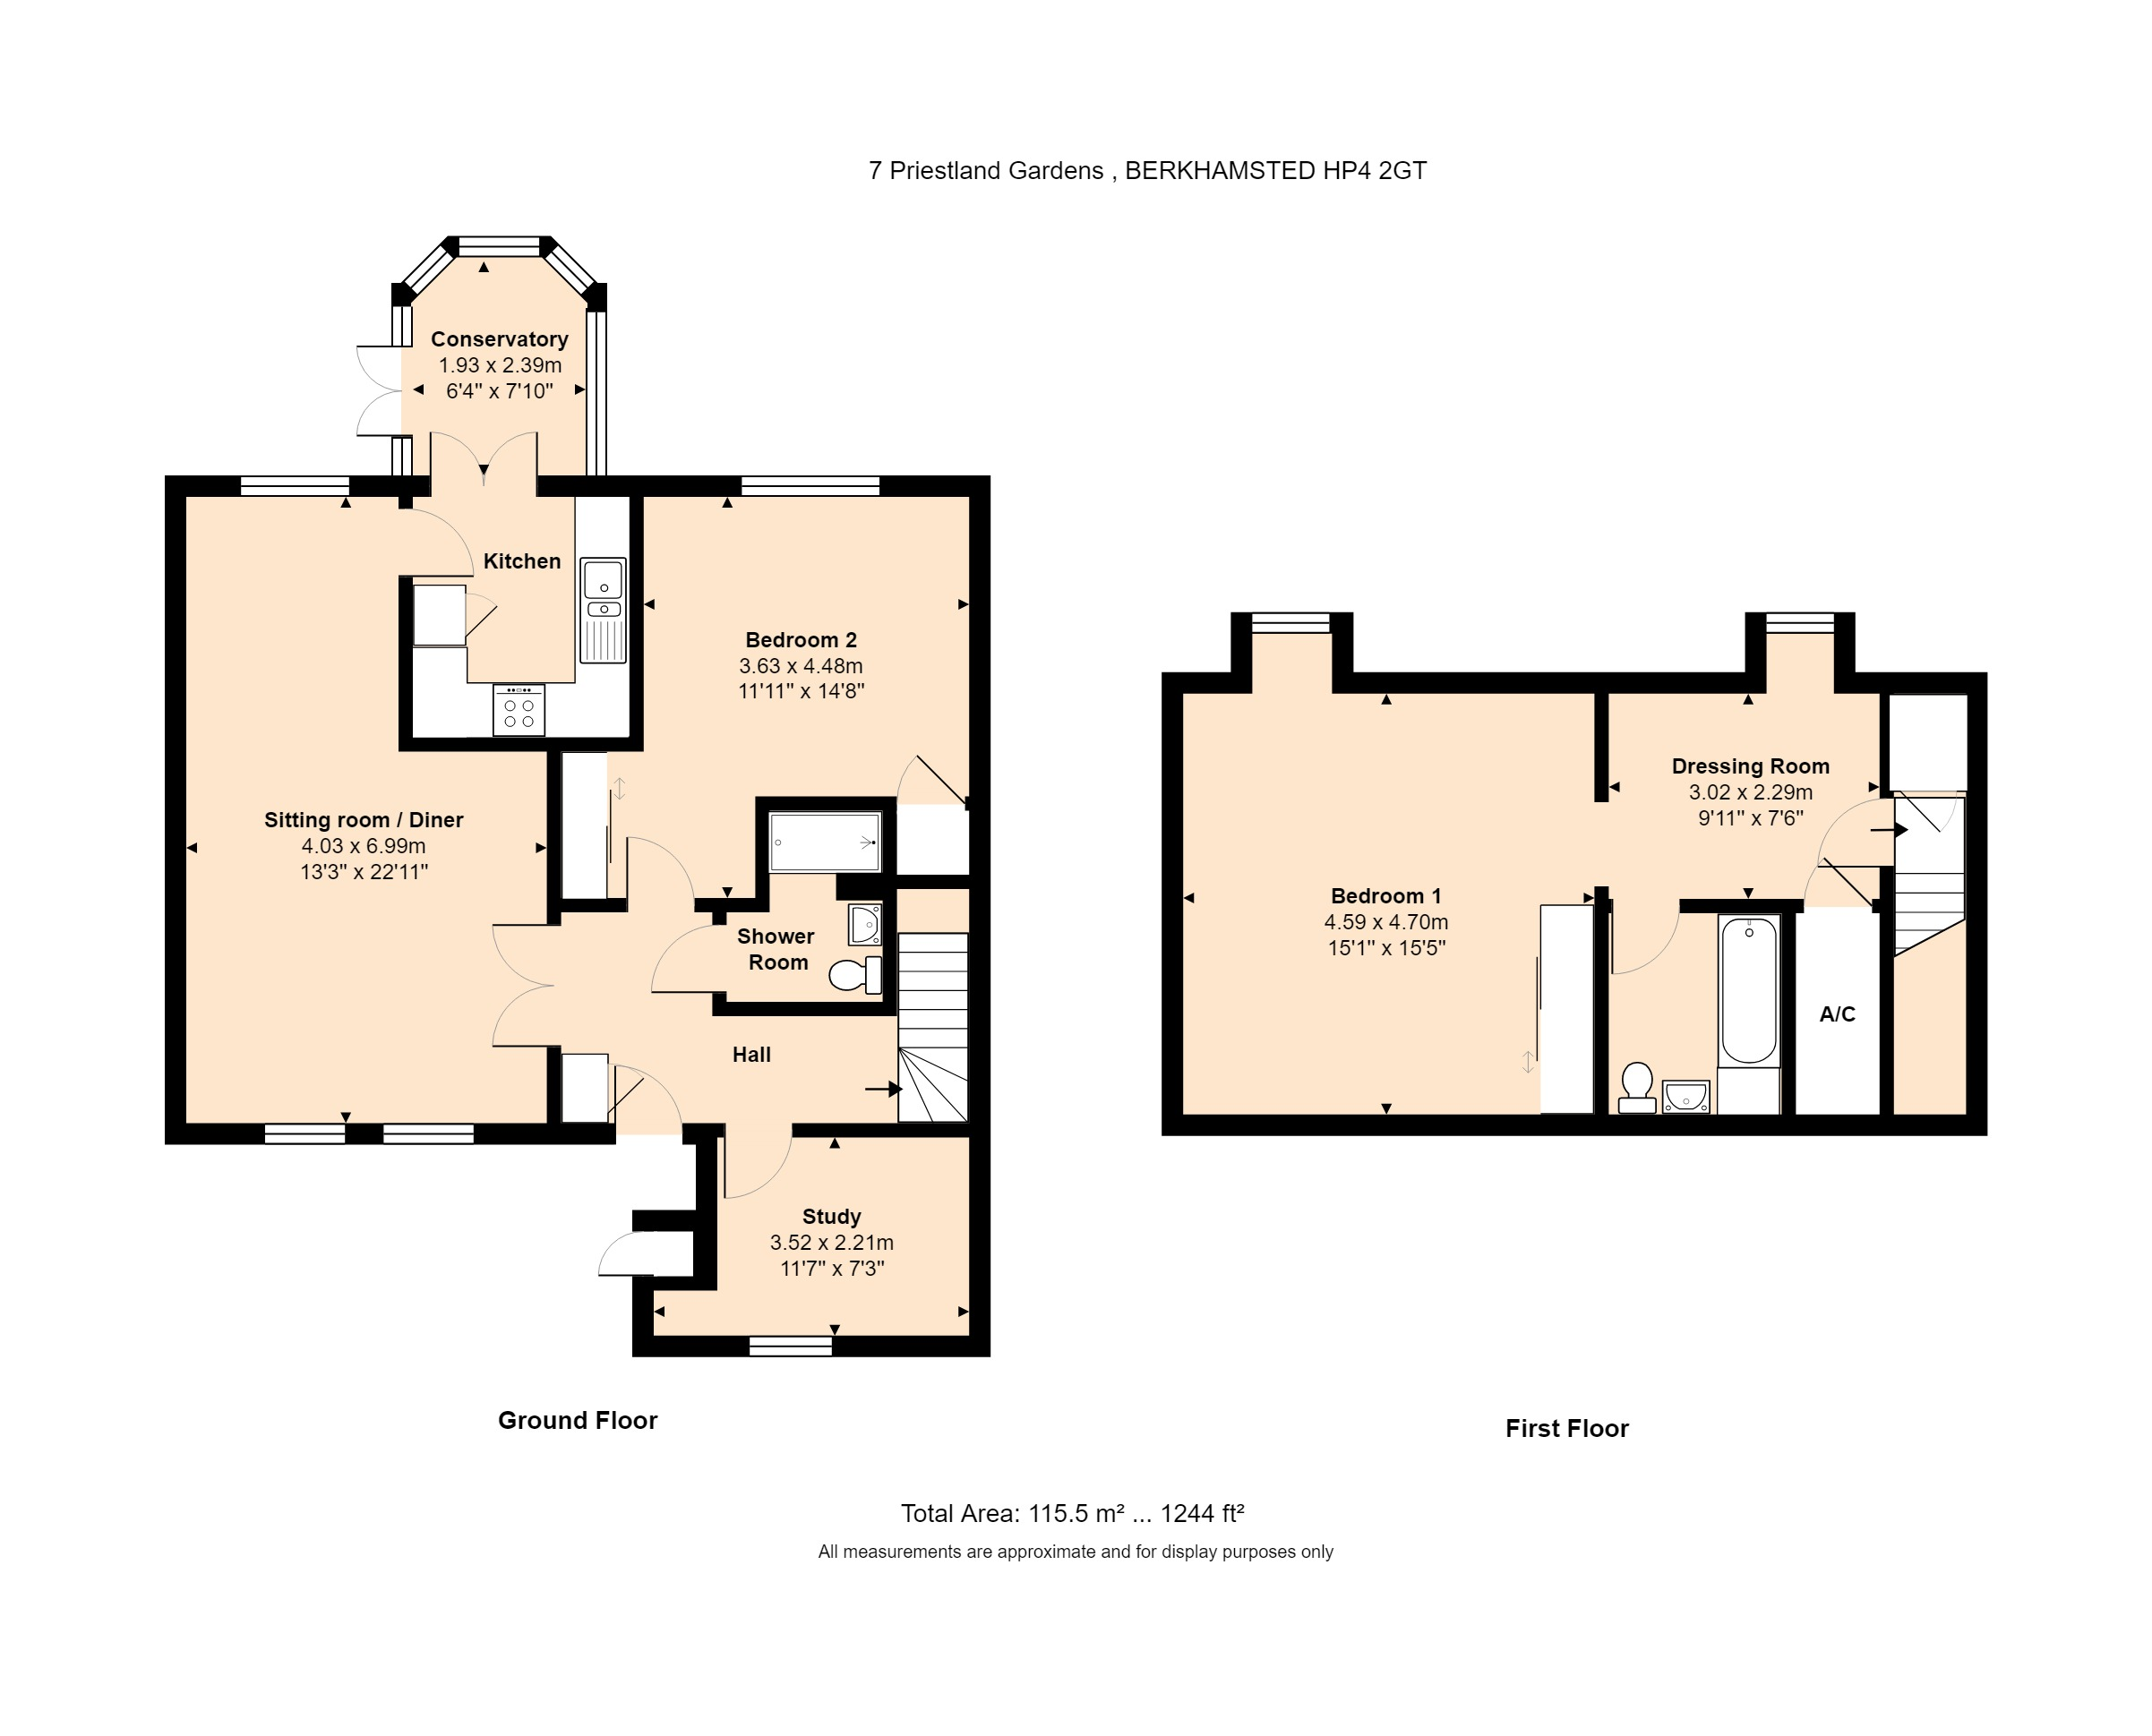 7 Priestland Gardens Floorplan